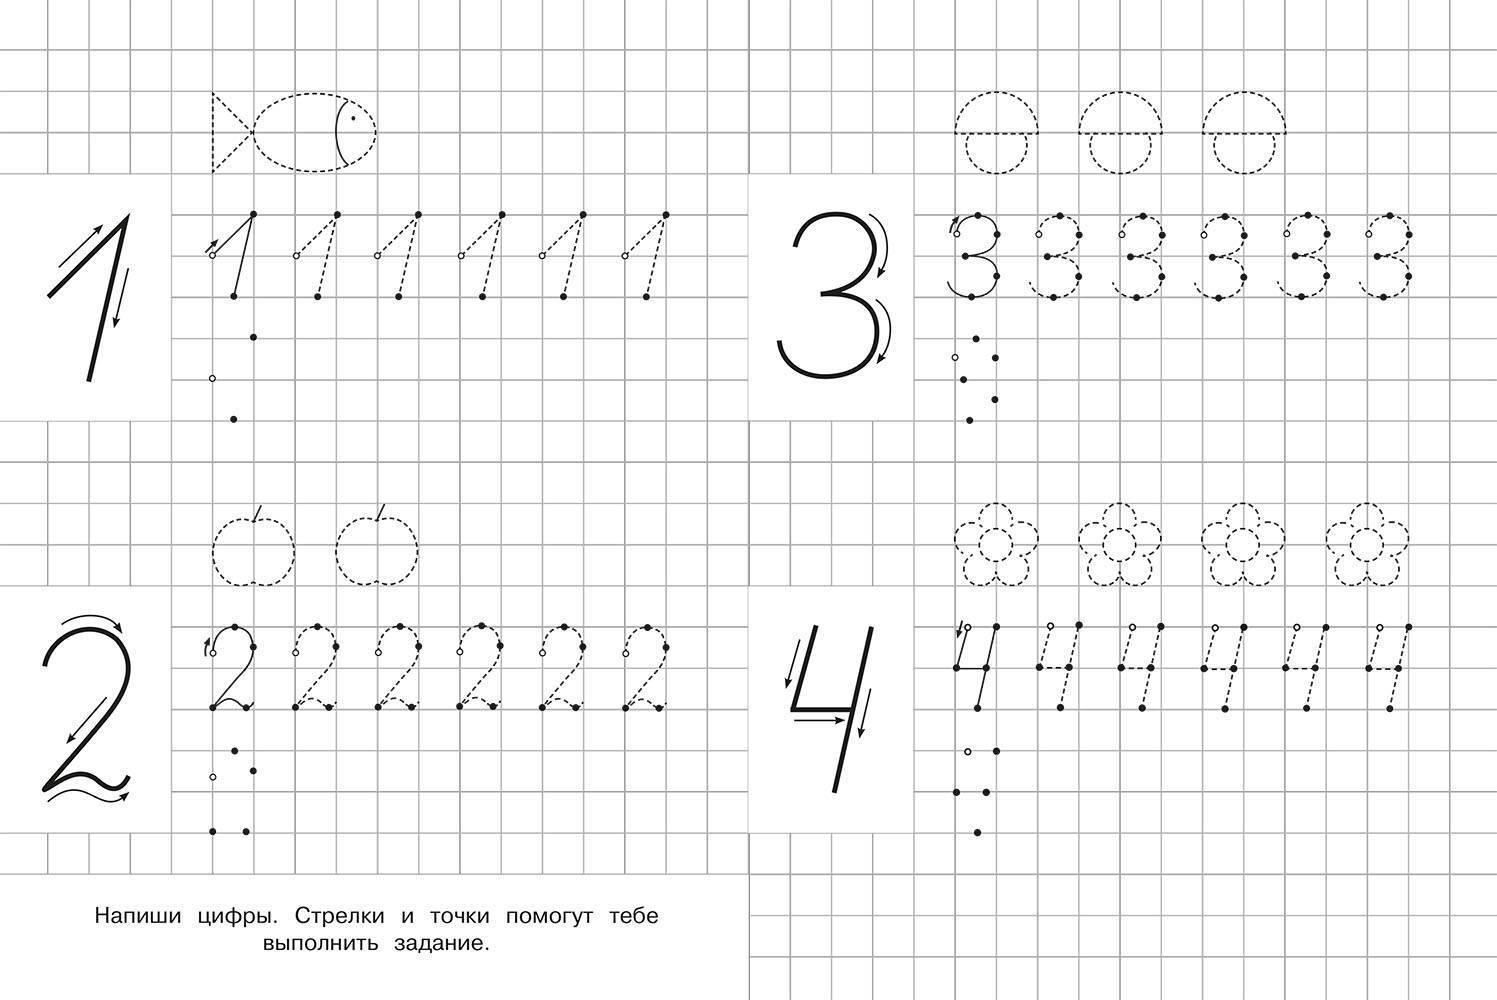 Печатные цифры для дошкольников. как научить ребенка-дошкольника правильно писать буквы и цифры: прописи, советы и хитрости обучения